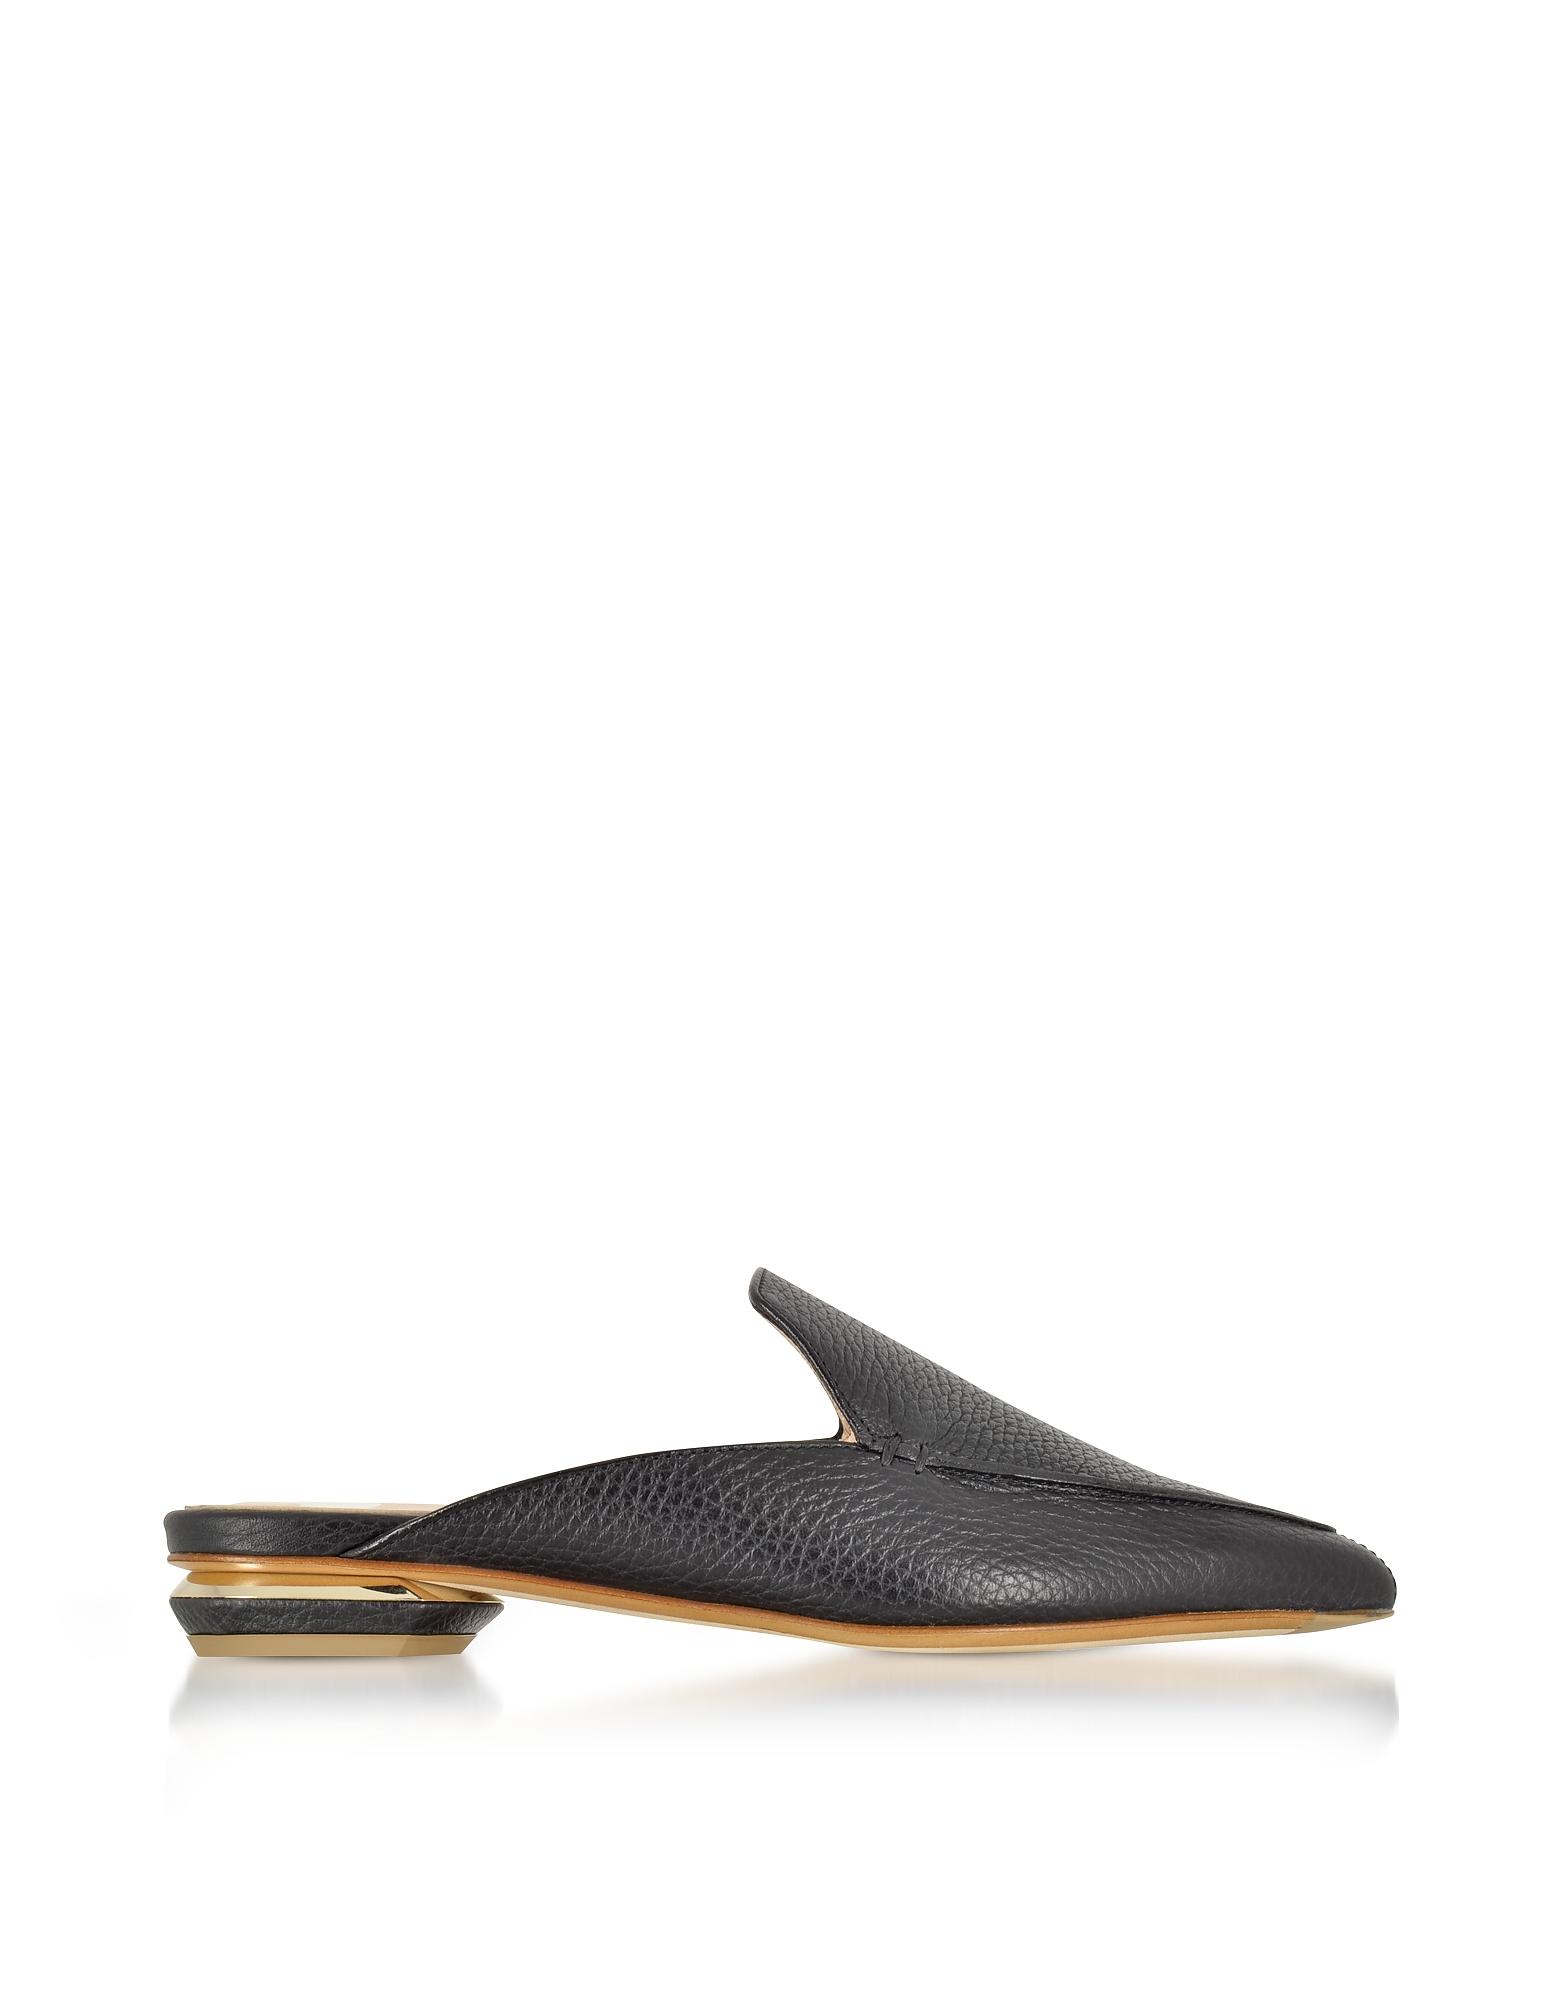 Image of Nicholas Kirkwood Designer Shoes, Beya Black Tumbled Leather Mules